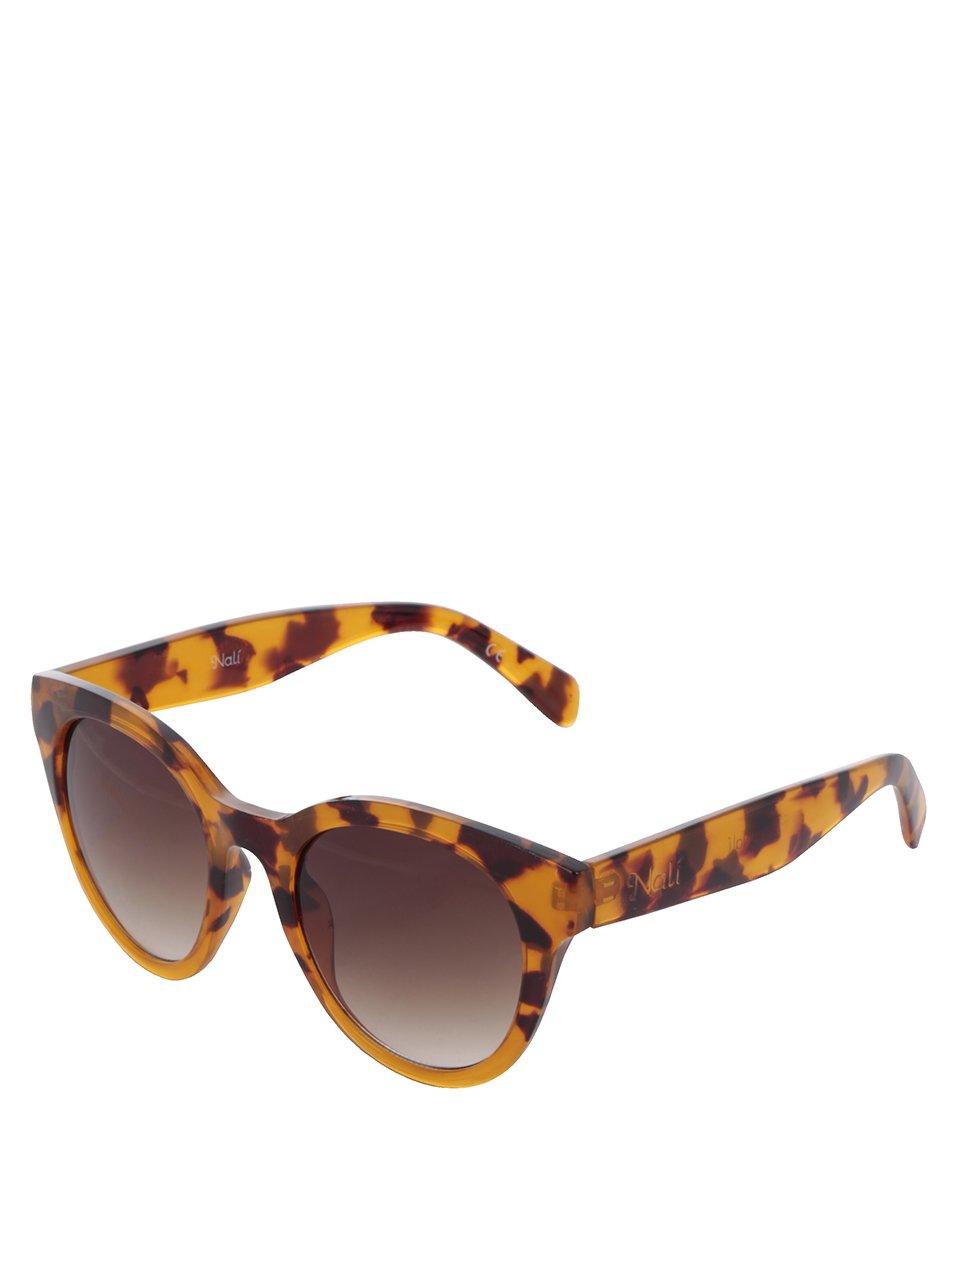 Hnědé dámské vzorované sluneční brýle Nalí